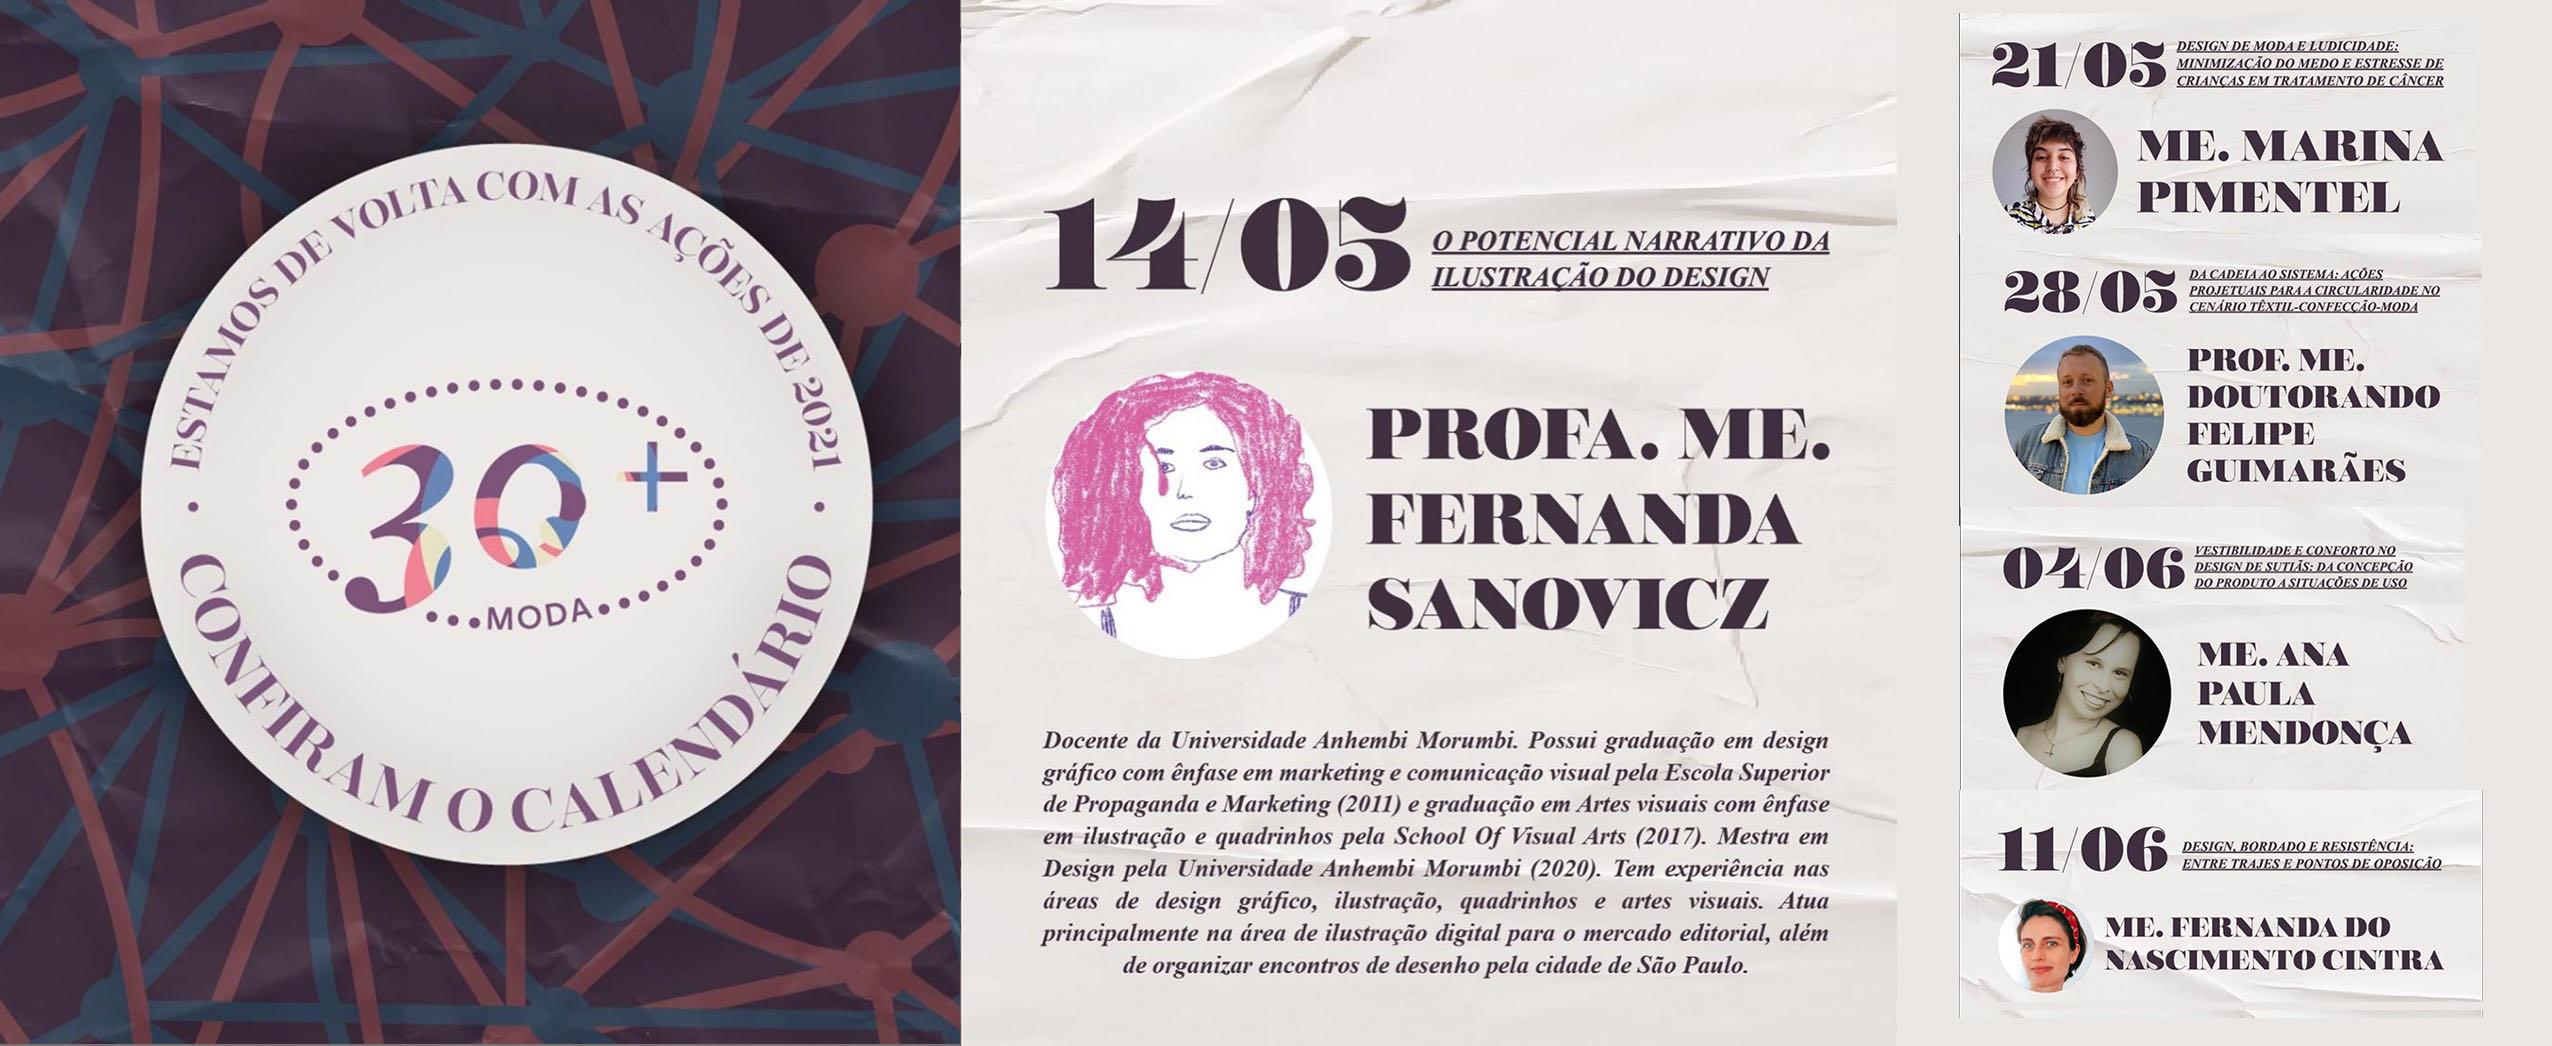 Banner sobre o evento MODA30+